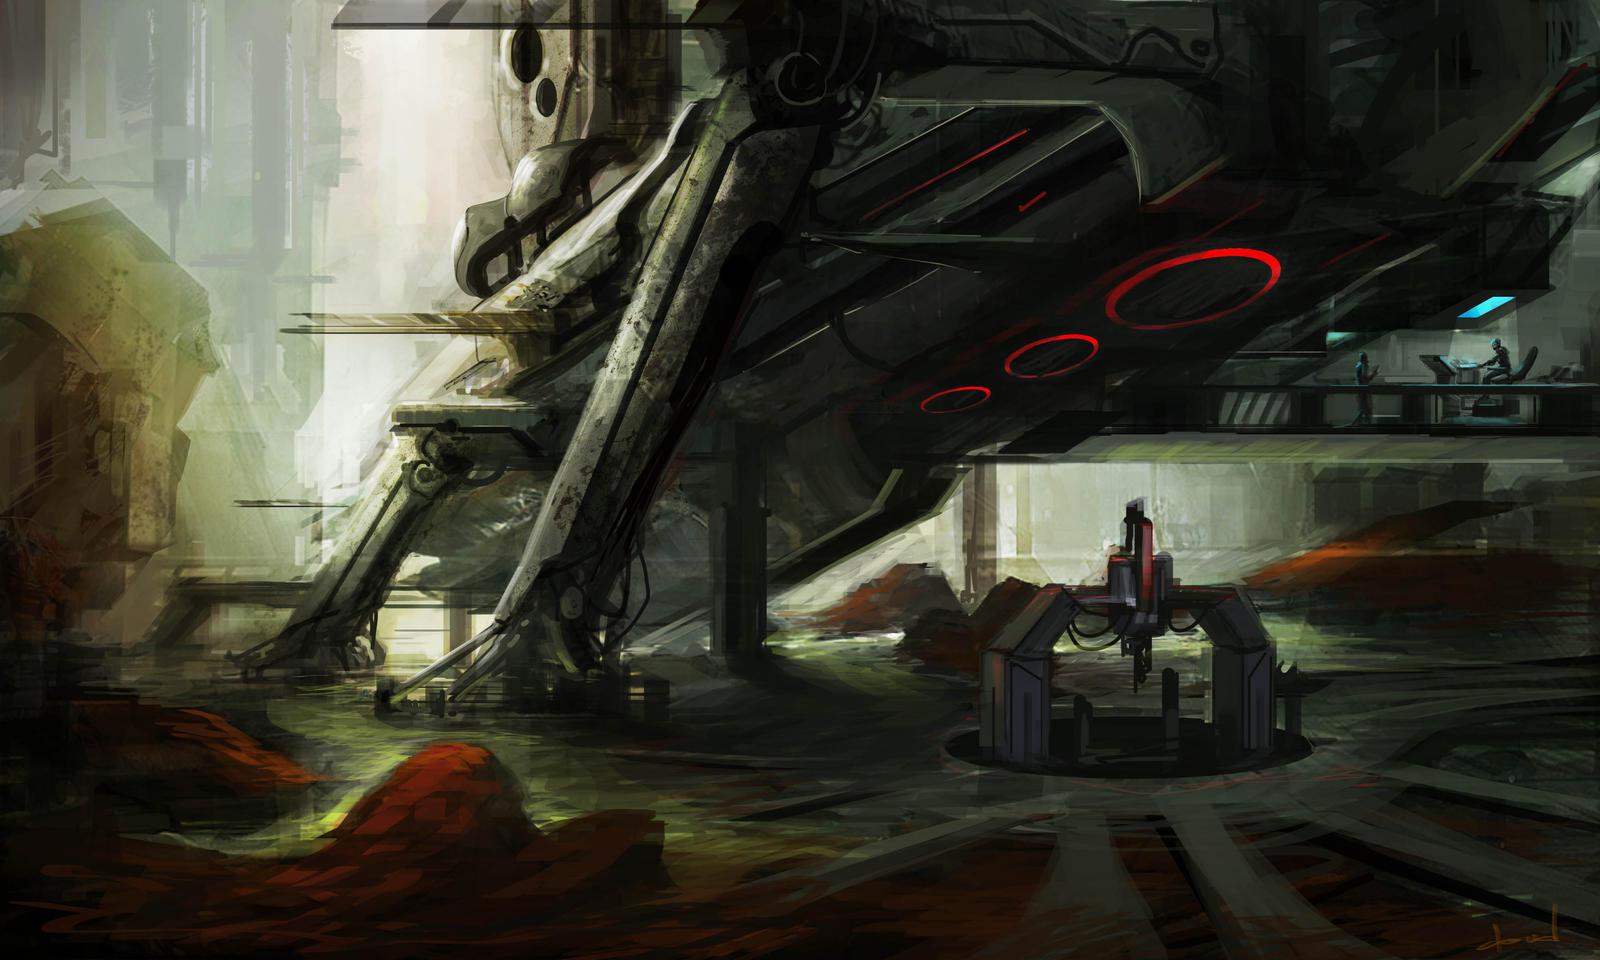 Fort by Darkcloud013